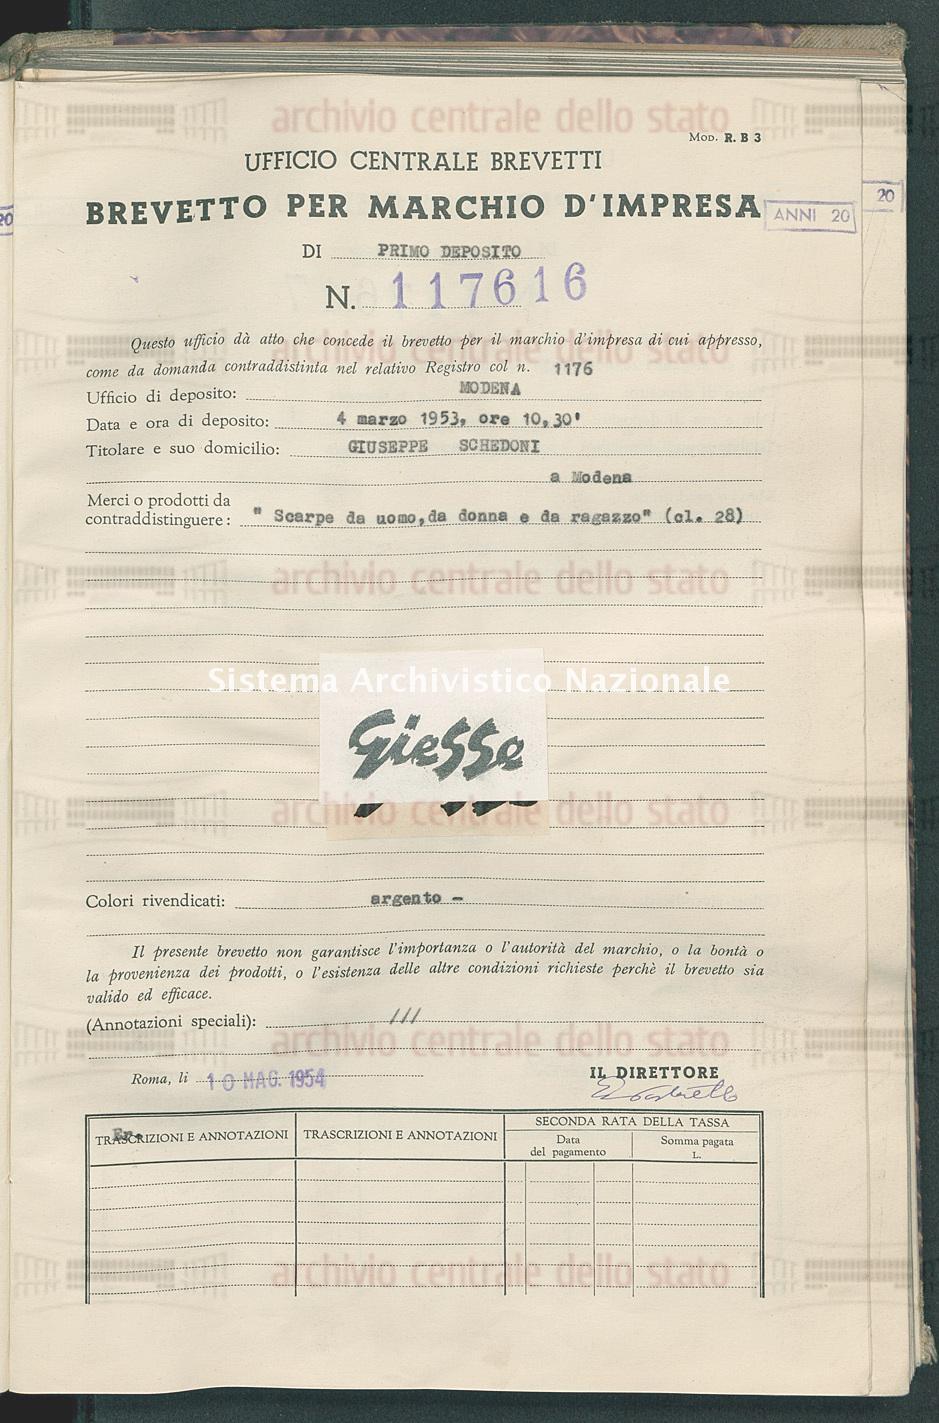 'Scarpe da uomo, da donna e da ragazzo' Giuseppe Schedoni (10/05/1954)